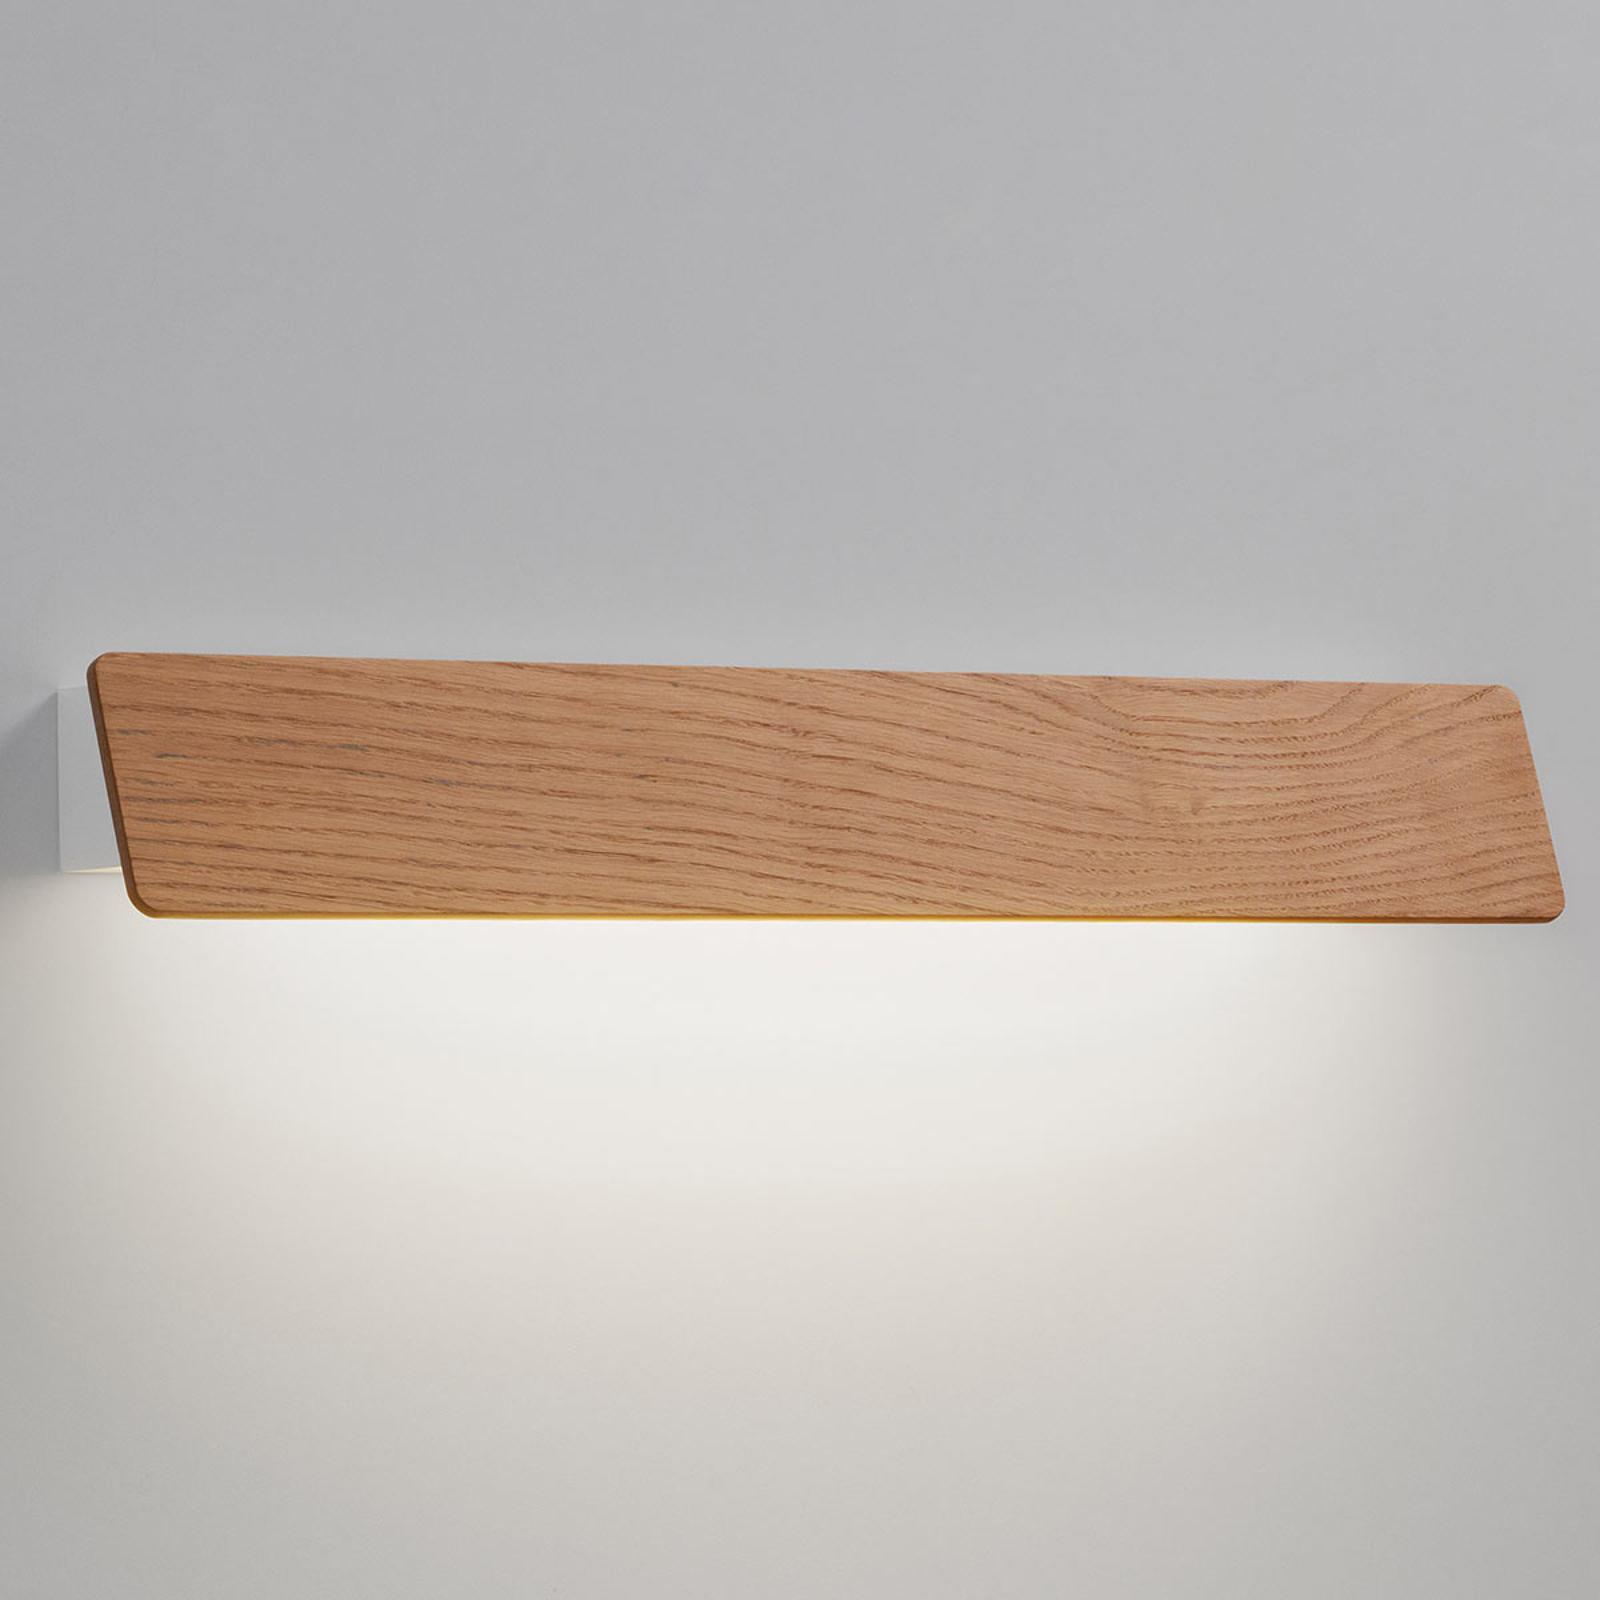 Bover Alba 60 - LED-speillampe med eiketre